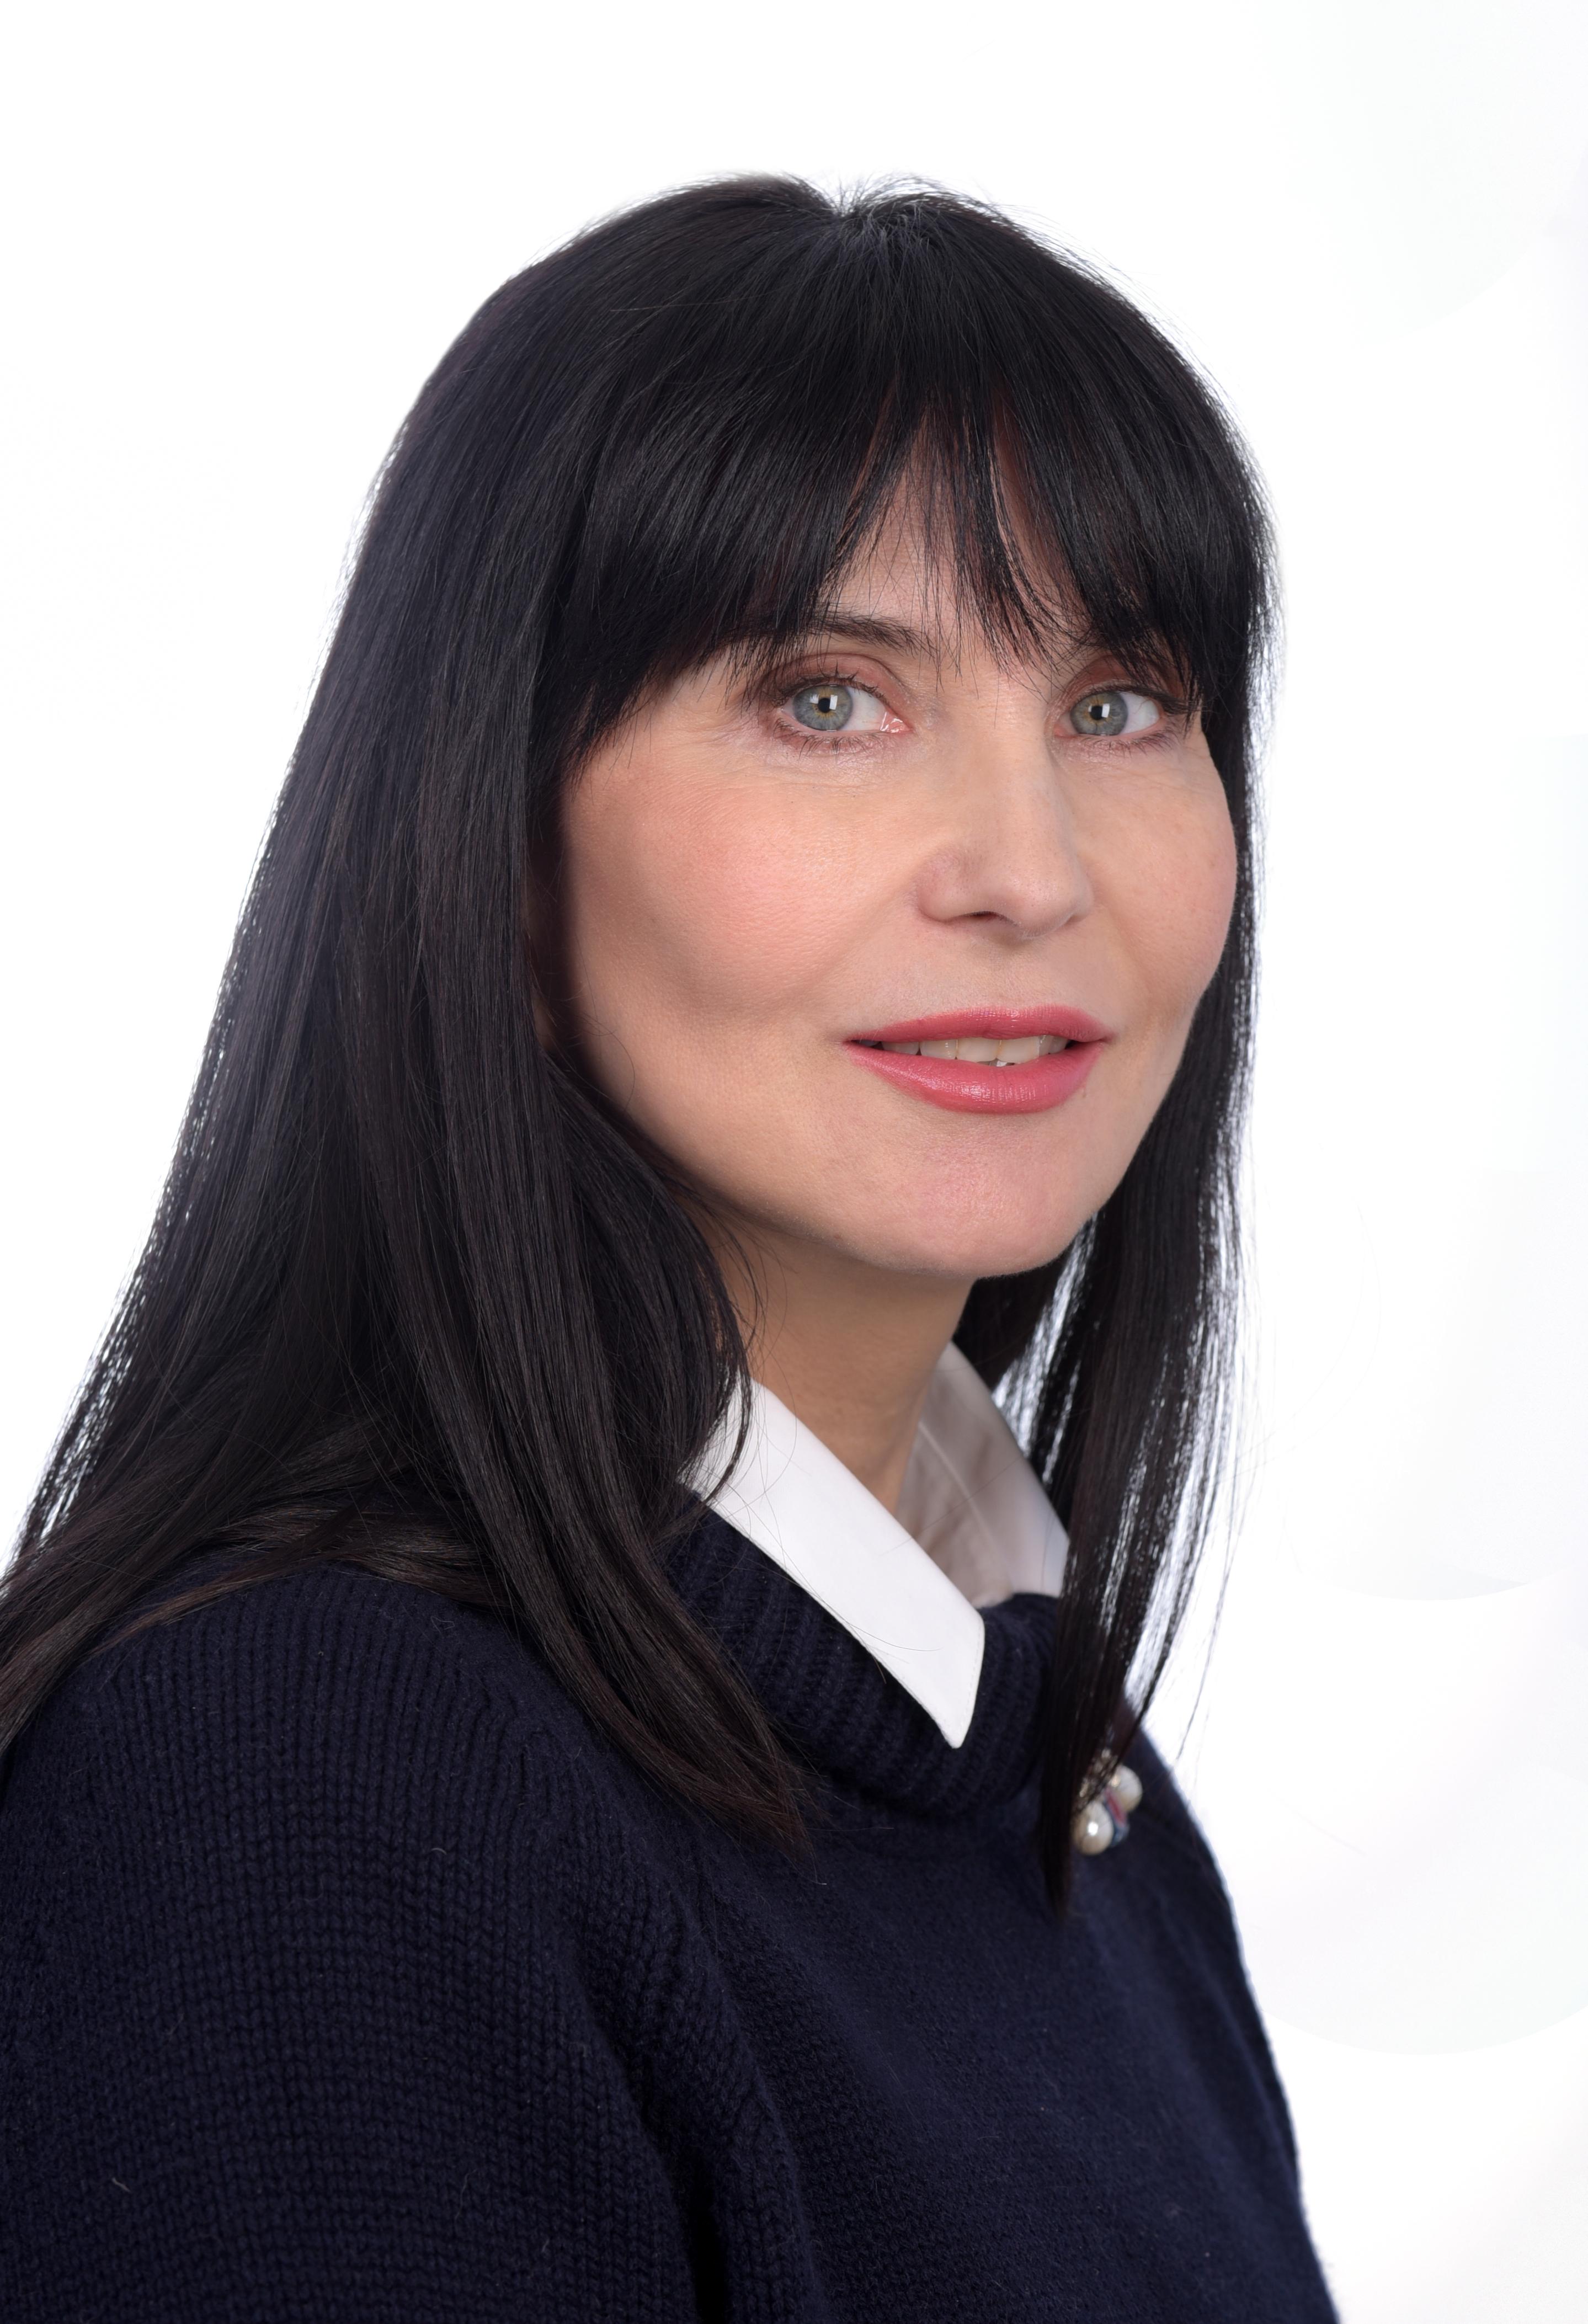 Ступень Марина Петровна, кандидат педагогических наук, доцент